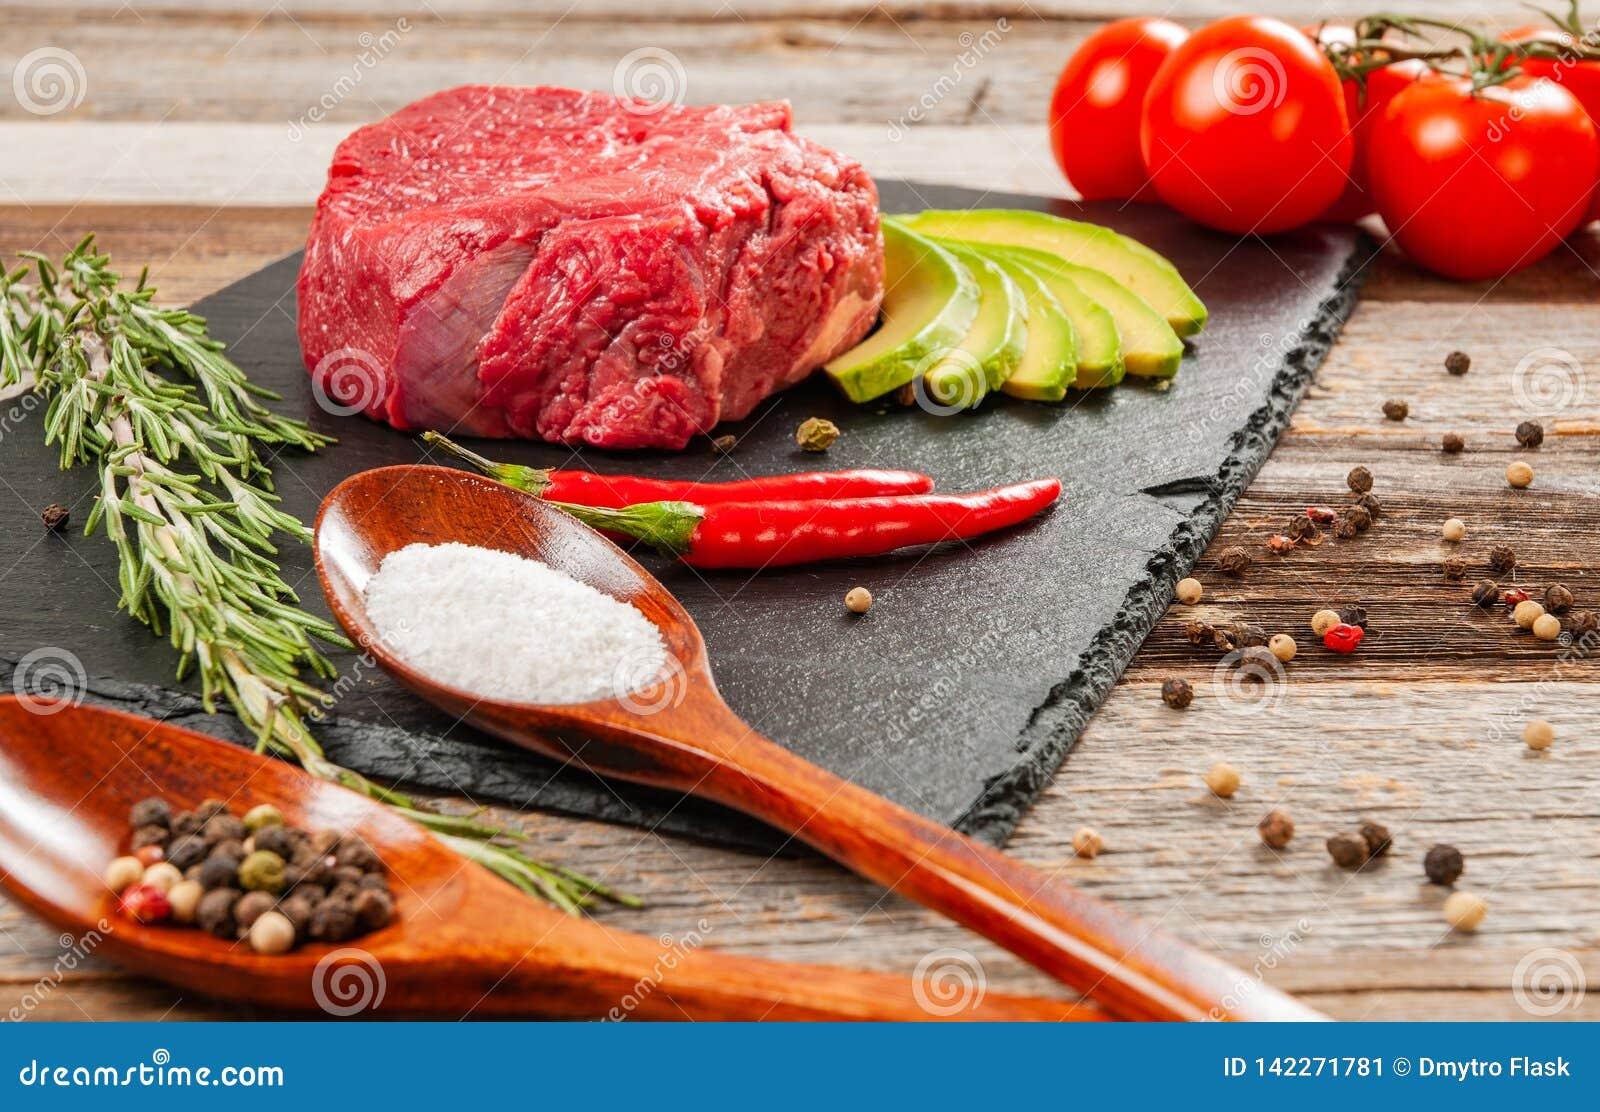 Carne cruda, carne de vaca con las especias para cocinar en tablero negro